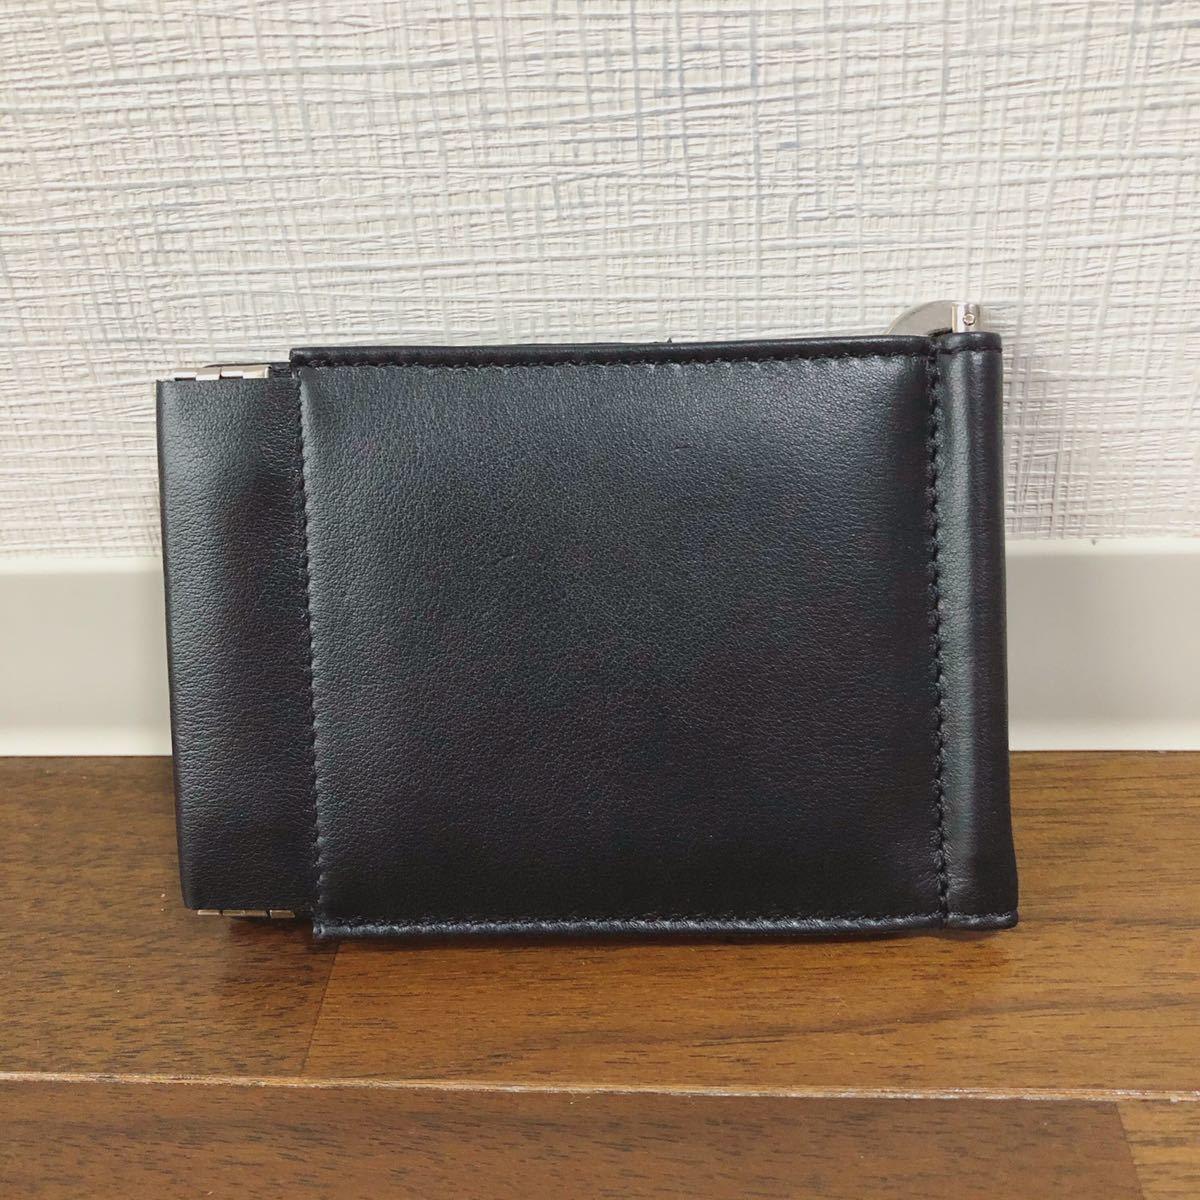 本革 ソフトレザー 薄型 マネークリップ ブラック 二つ折り財布 バネ口 コインケース メンズ レディース ビジネス コンパクト 薄マチ 財布_画像2